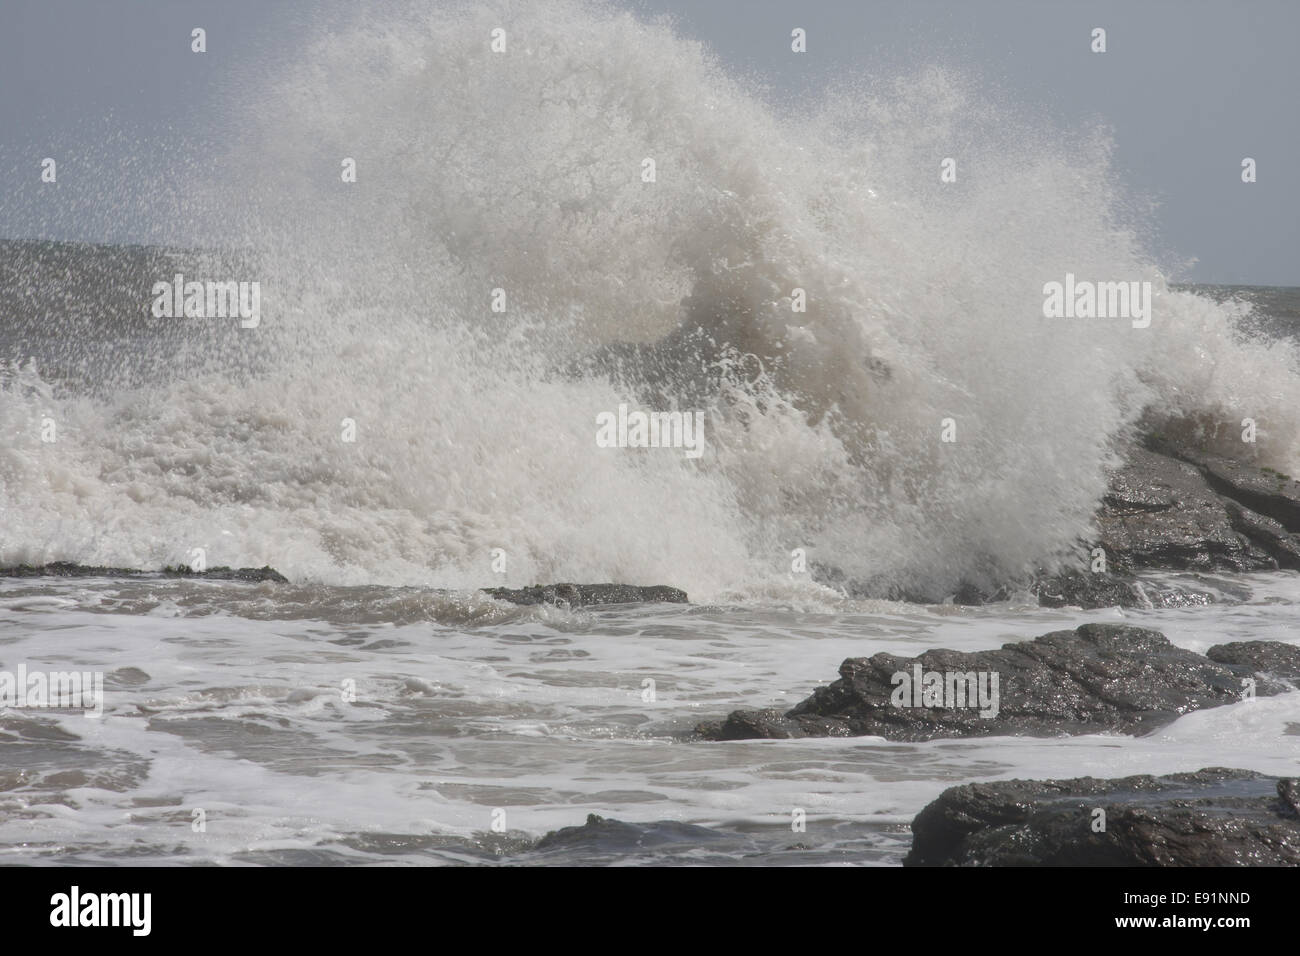 Spray at ghanaian coast - Stock Image